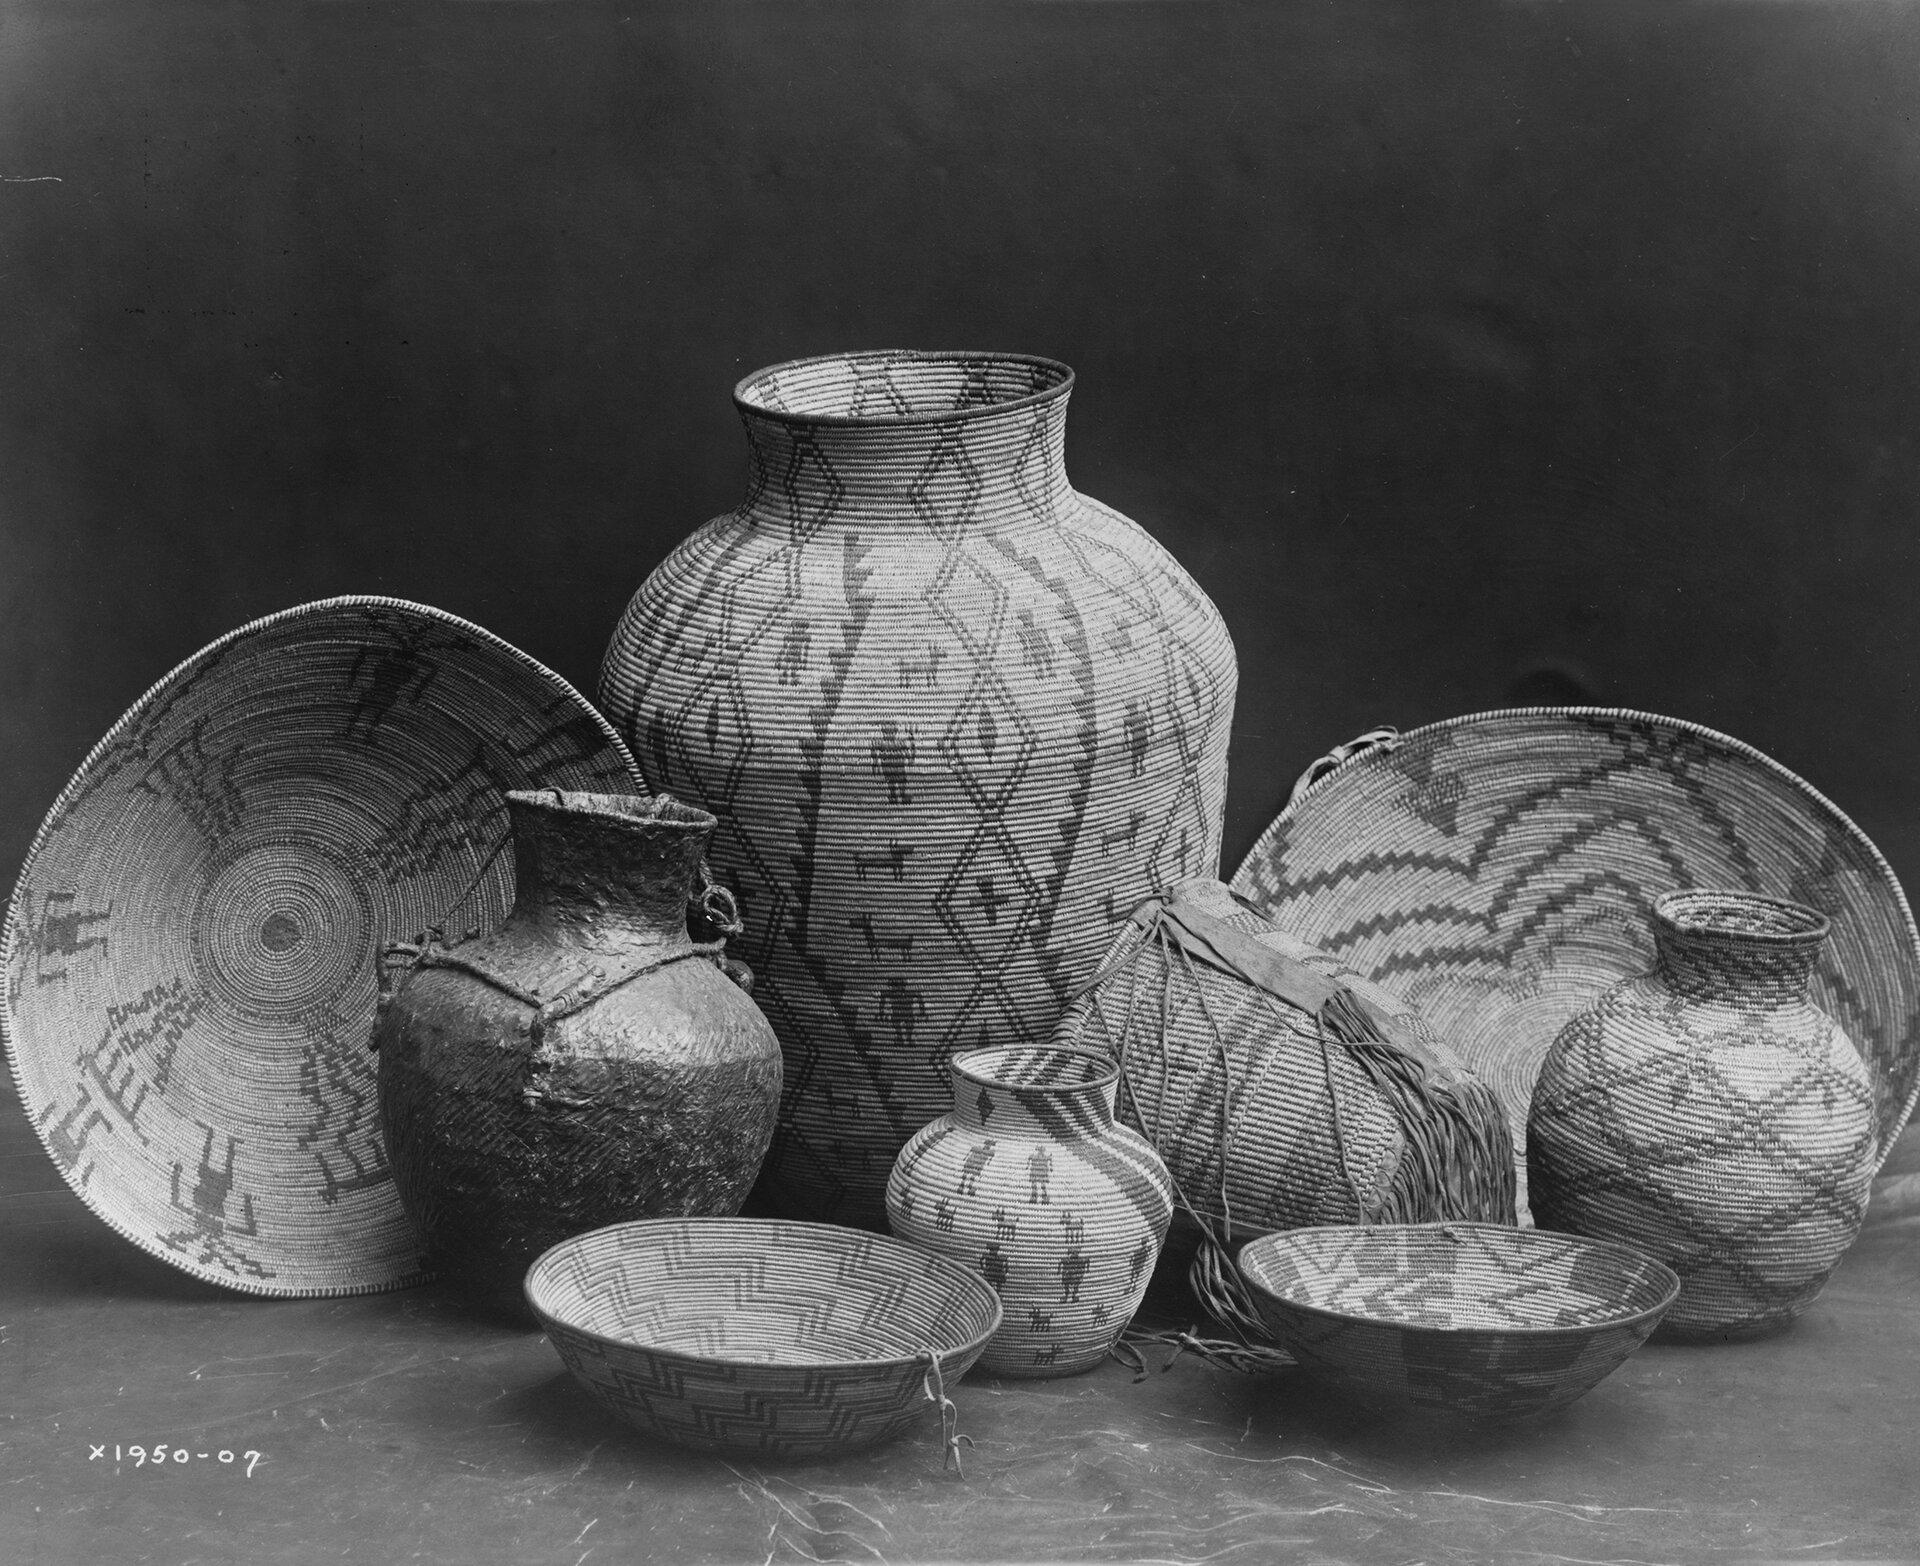 Martwa natura zkoszami Apaczów Źródło: Edward S. Curtis, Martwa natura zkoszami Apaczów, 1907, fotografia czarno-biała, domena publiczna.